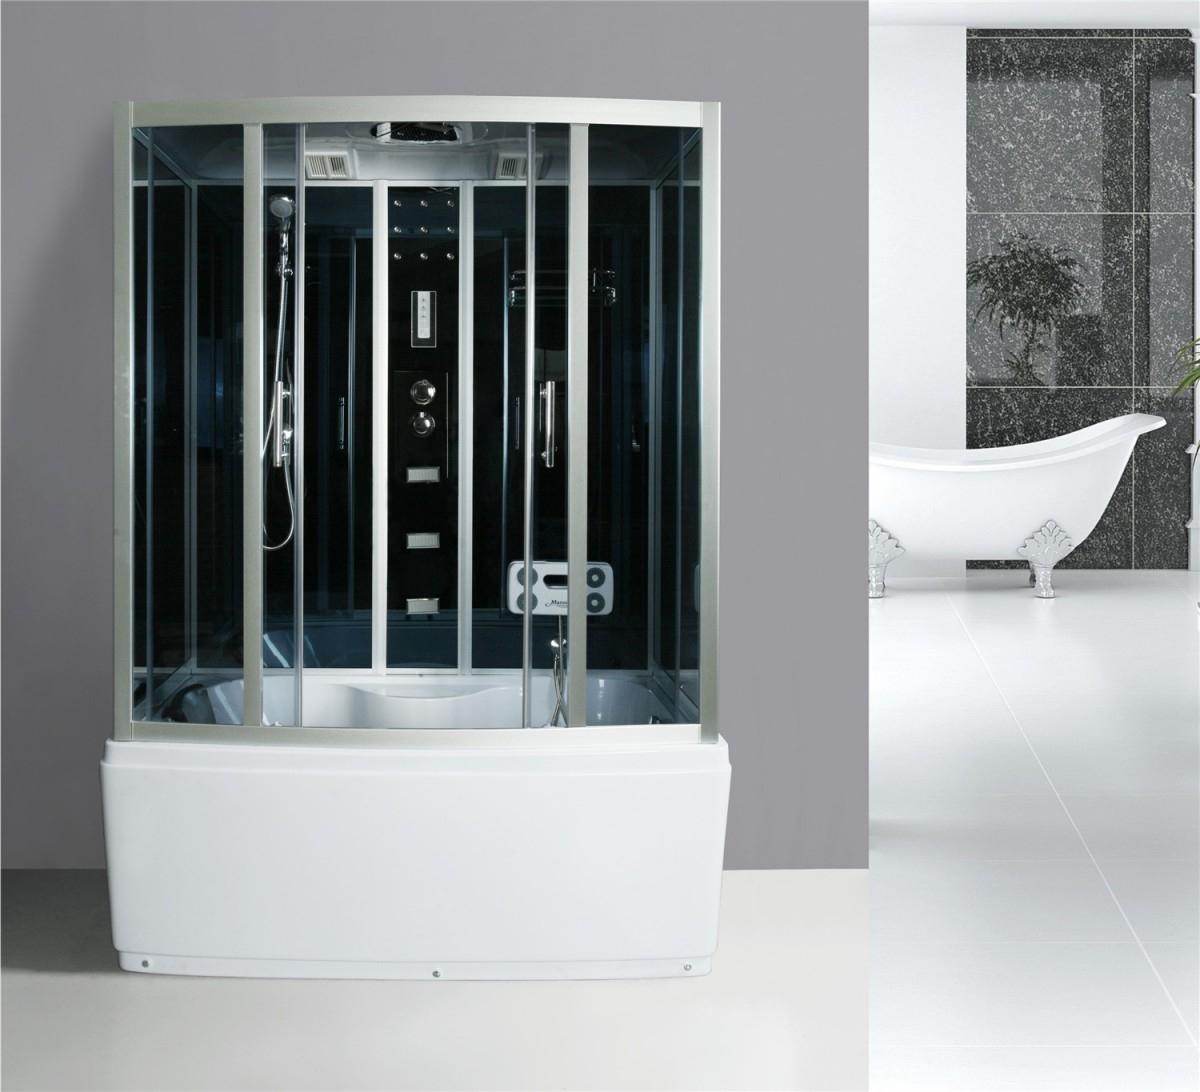 bain-douche combiné Sanifun Rainhard